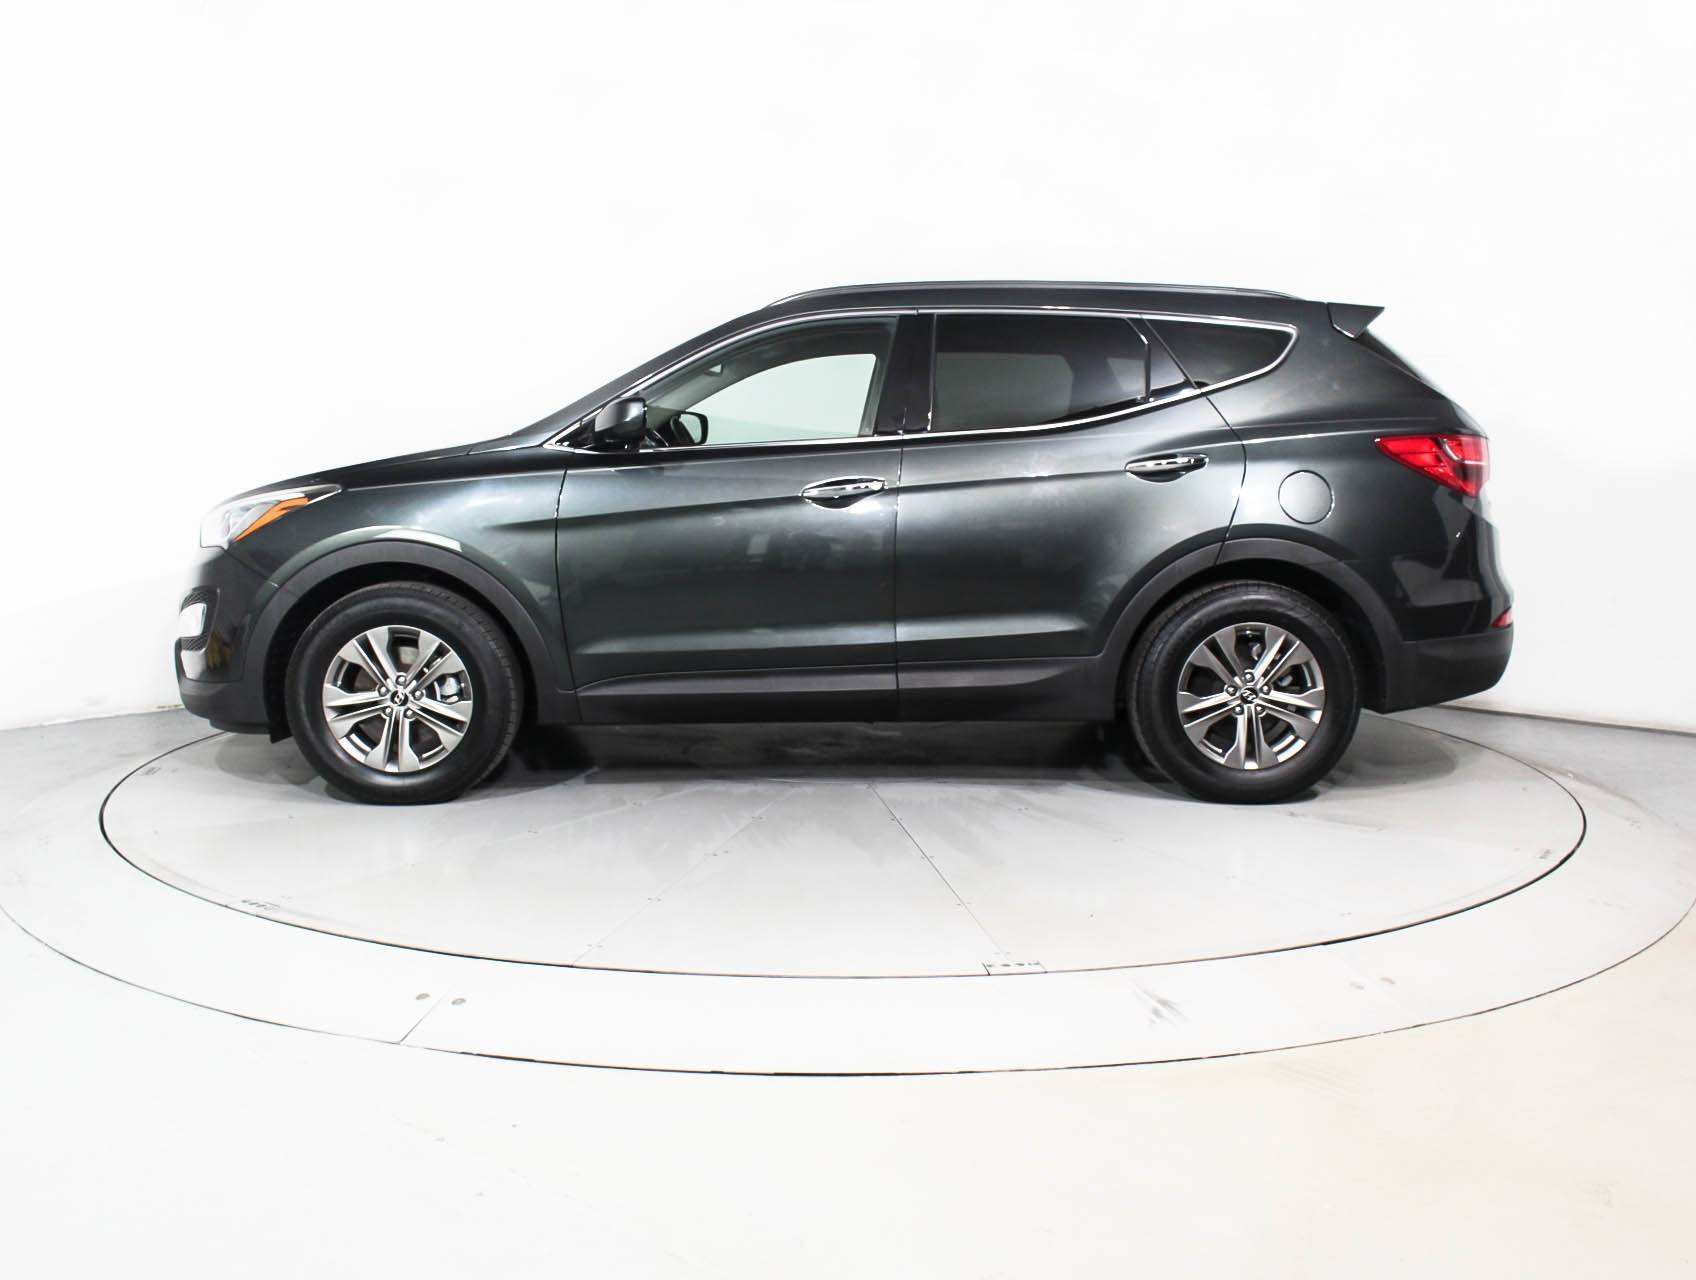 Used 2014 HYUNDAI SANTA FE SPORT SUV for sale in HOLLYWOOD, FL